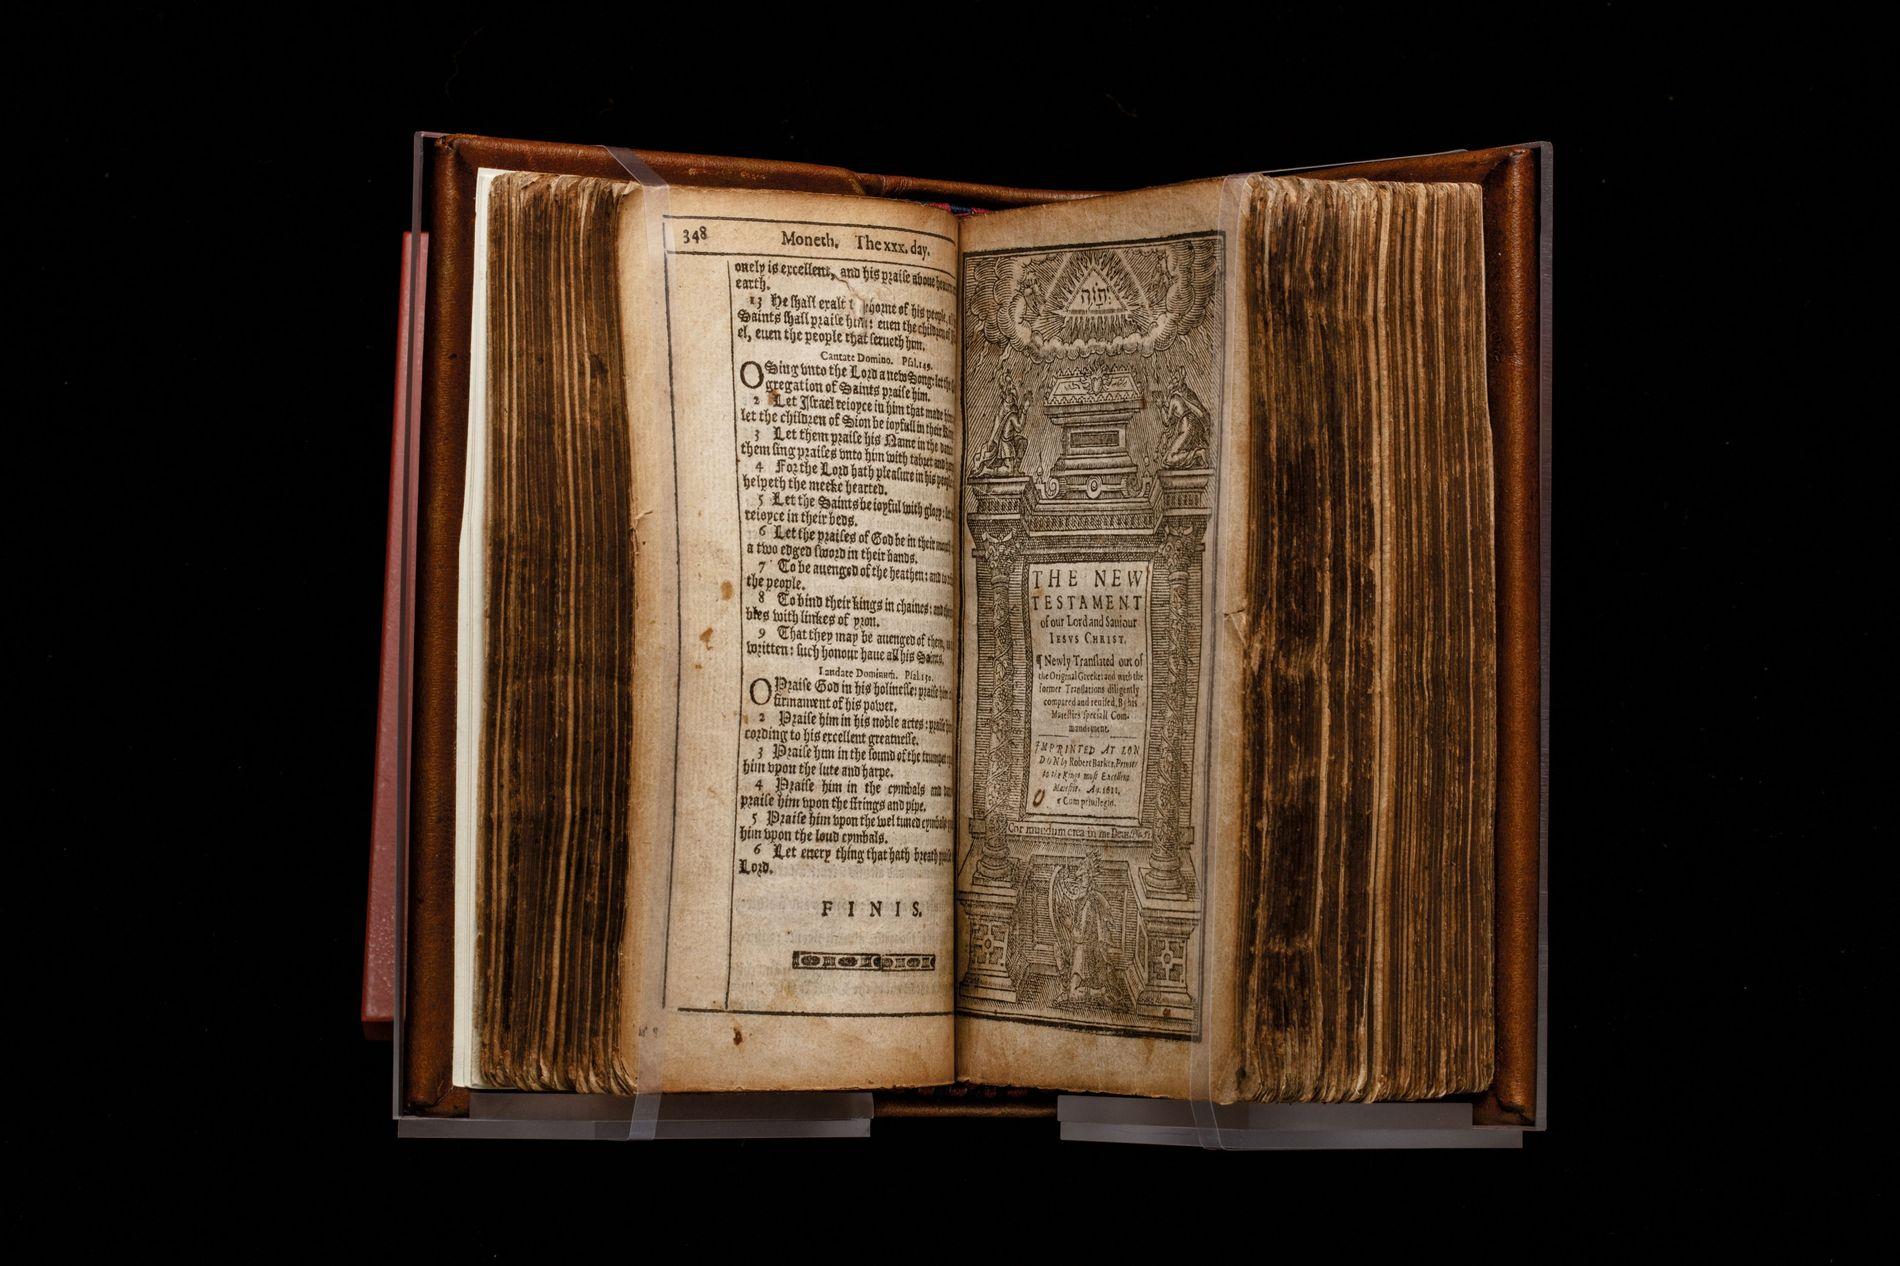 En 1611, la Bible du roi Jacques fixa la norme des Écritures en anglais pour 300 ans. Ce volume, exposé au musée de la Bible (Washington), est l'un des deux seuls restants des premières éditions du Nouveau Testament de la Bible du roi Jacques.